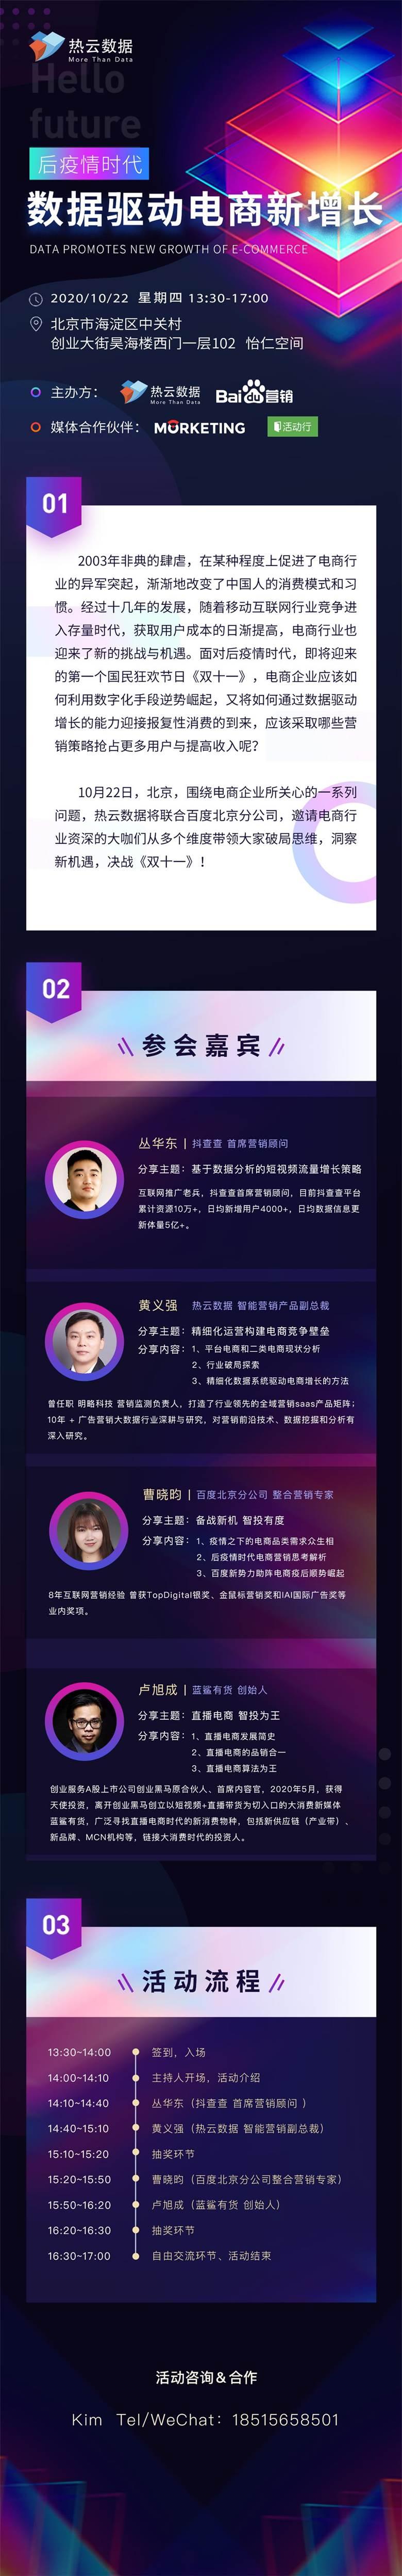 10月22北京二维码.jpg